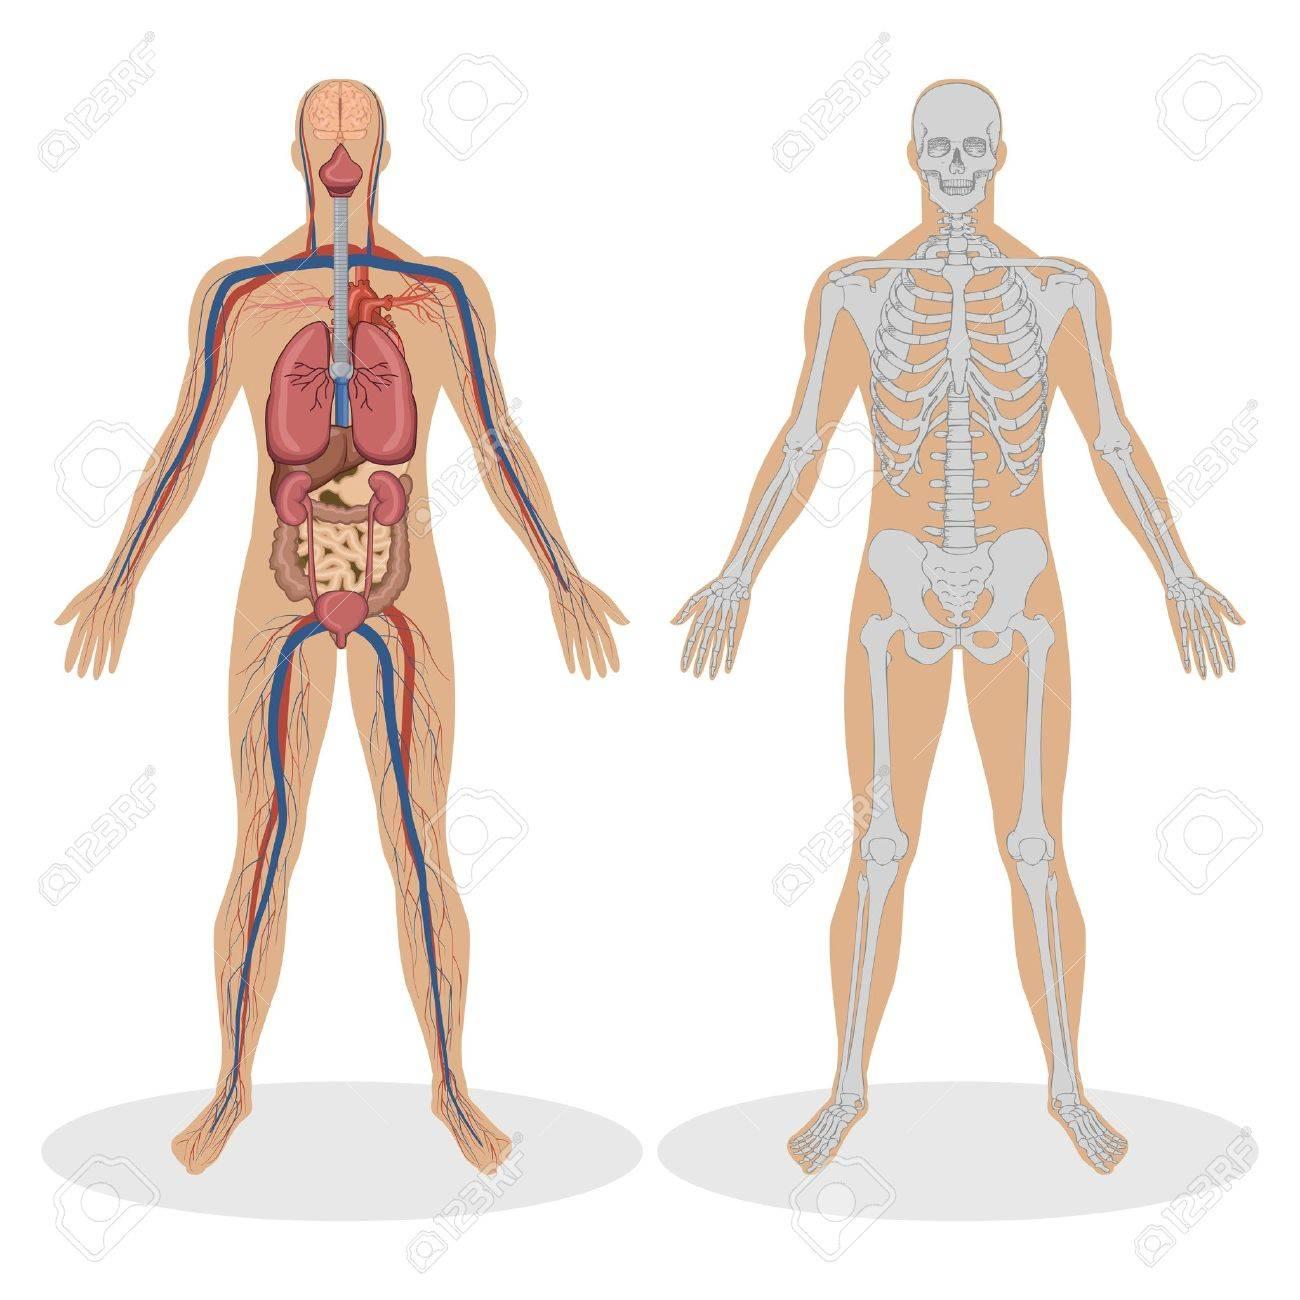 Abbildung Der Menschlichen Anatomie Des Menschen Auf Weißem ...